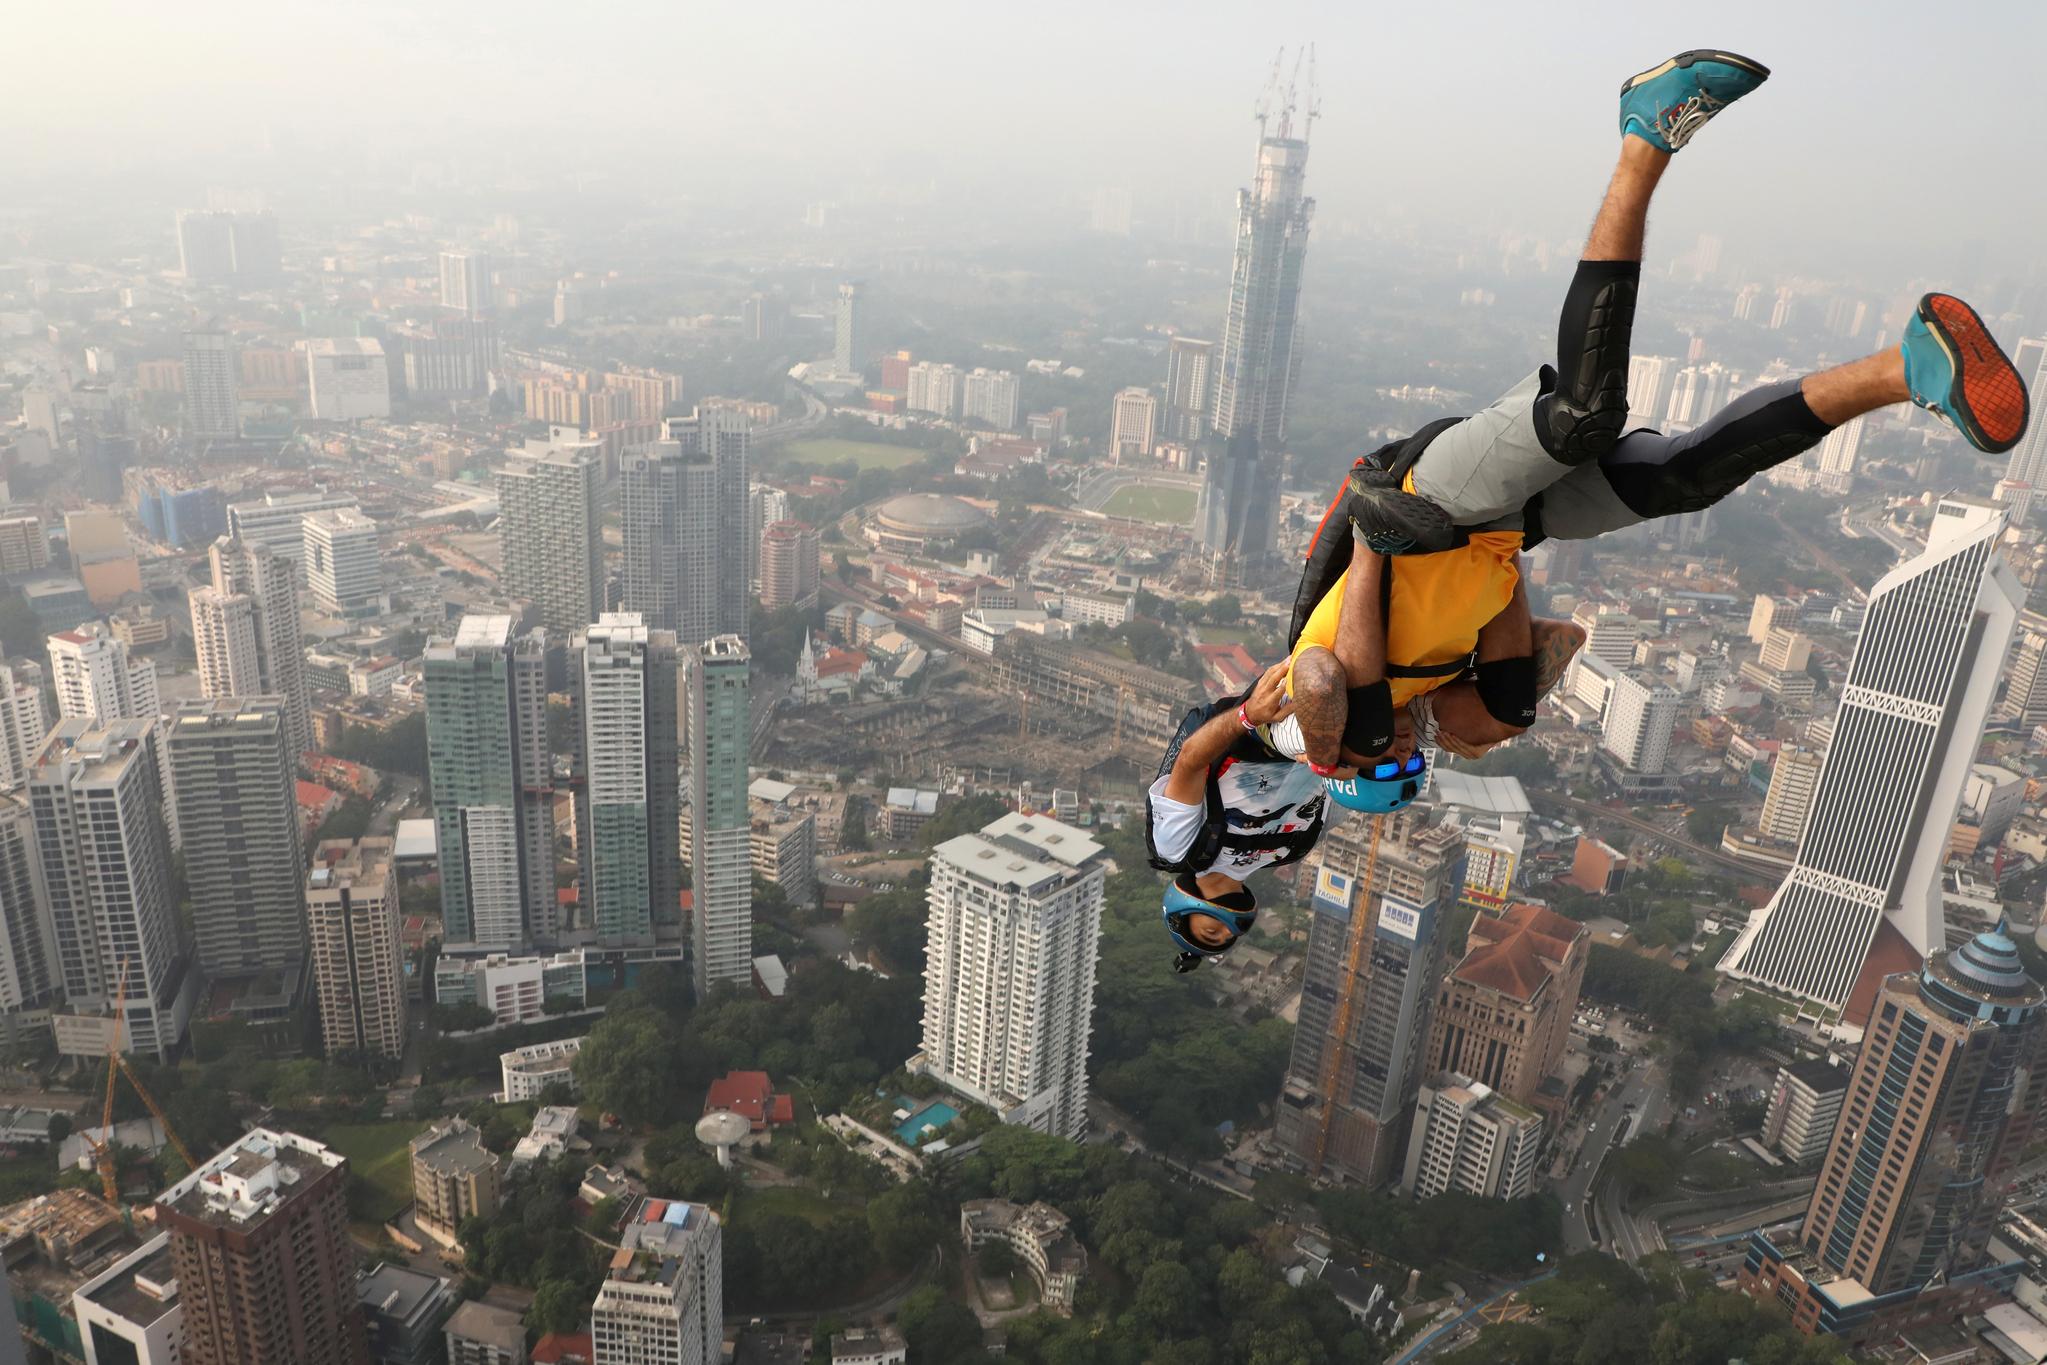 26일(현지시간) 말레이시아 쿠알라룸푸르에서 열린 '인터내셔널 점프 말레이시아 2019' 행사에서 베이스 점퍼가 쿠알라룸푸르 타워에서 뛰어내리고 있다. 베이스 점핑은 건물이나 다리 등 높은 건물에서 낙하산을 타고 내려오는 스포츠다. [로이터=연합뉴스]